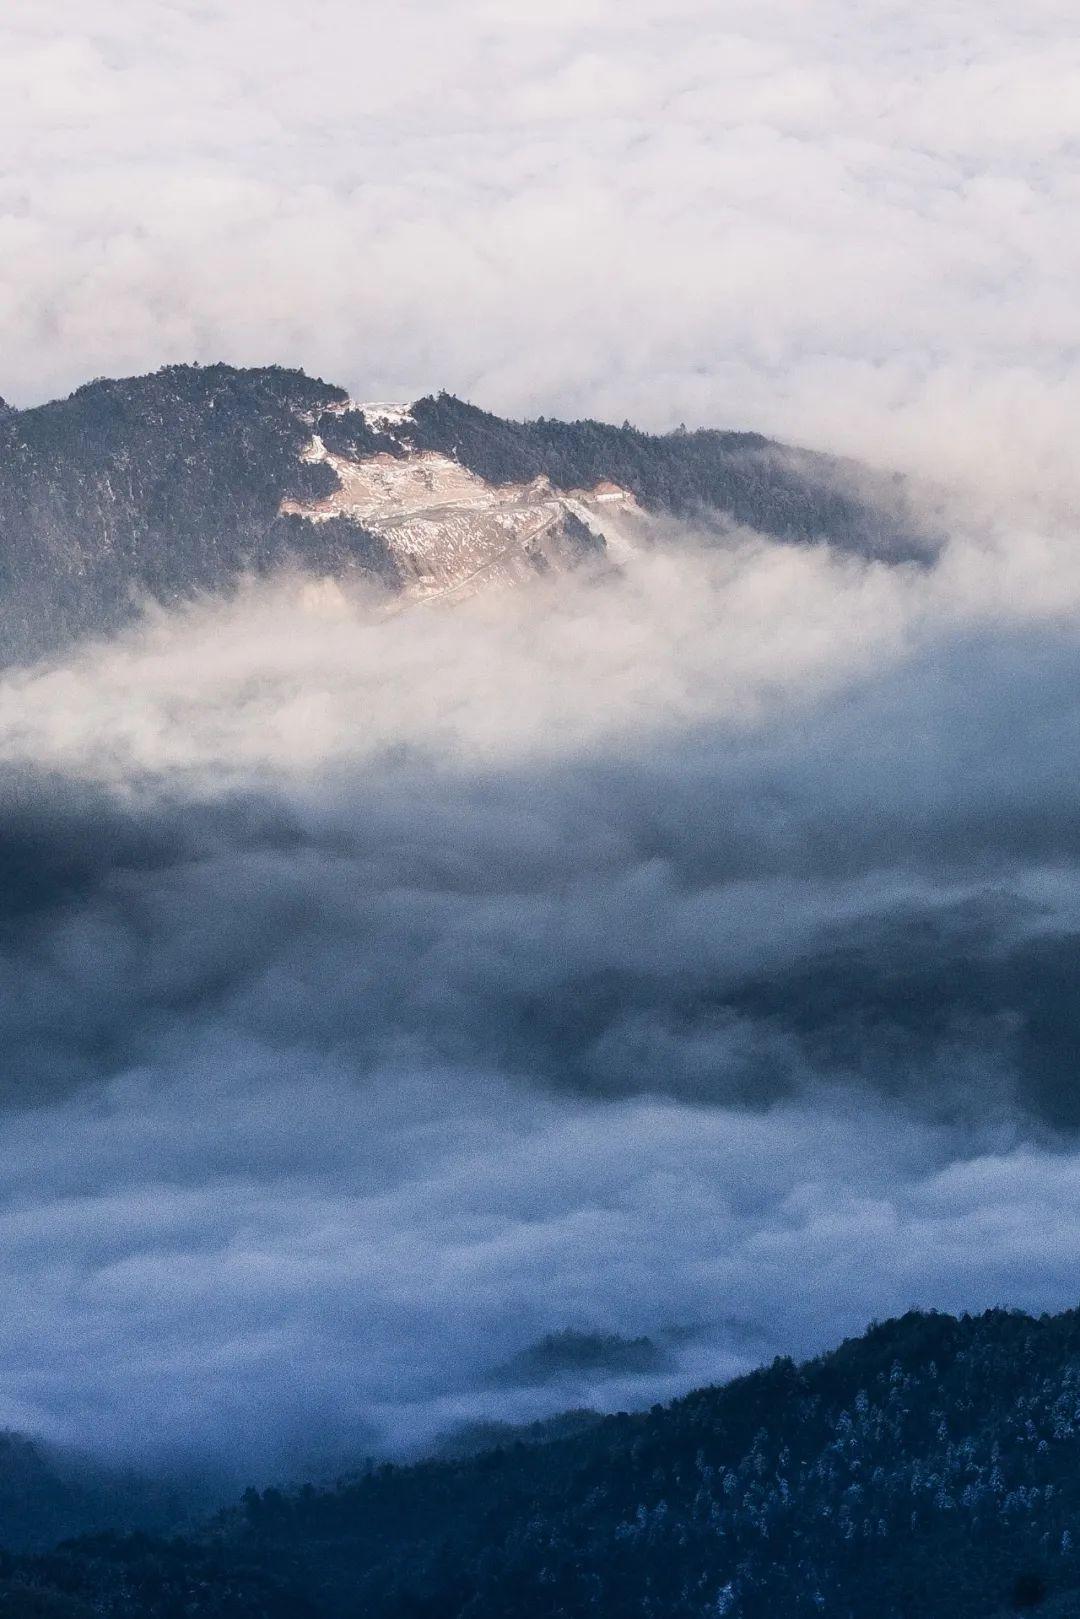 """▲ 猫儿山,为越城岭第一高峰,很有可能《山海经》中的""""第一山""""――古招摇山。摄影/壹米网线"""